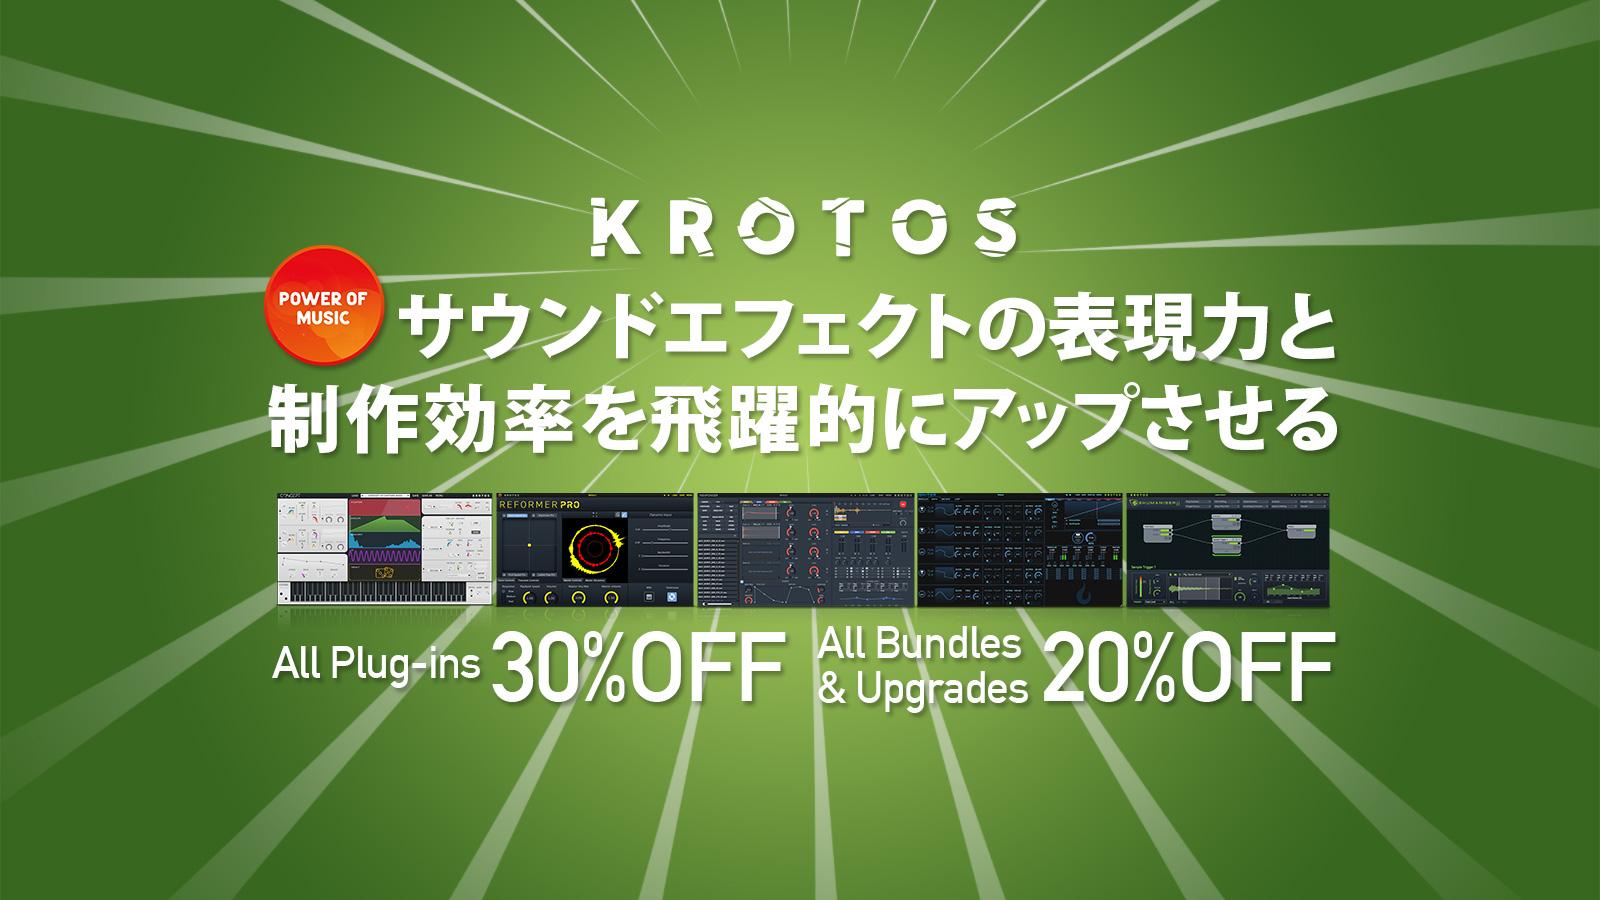 KROTOSの全プラグインが30%OFF、バンドルとアップグレードが20%OFF!!